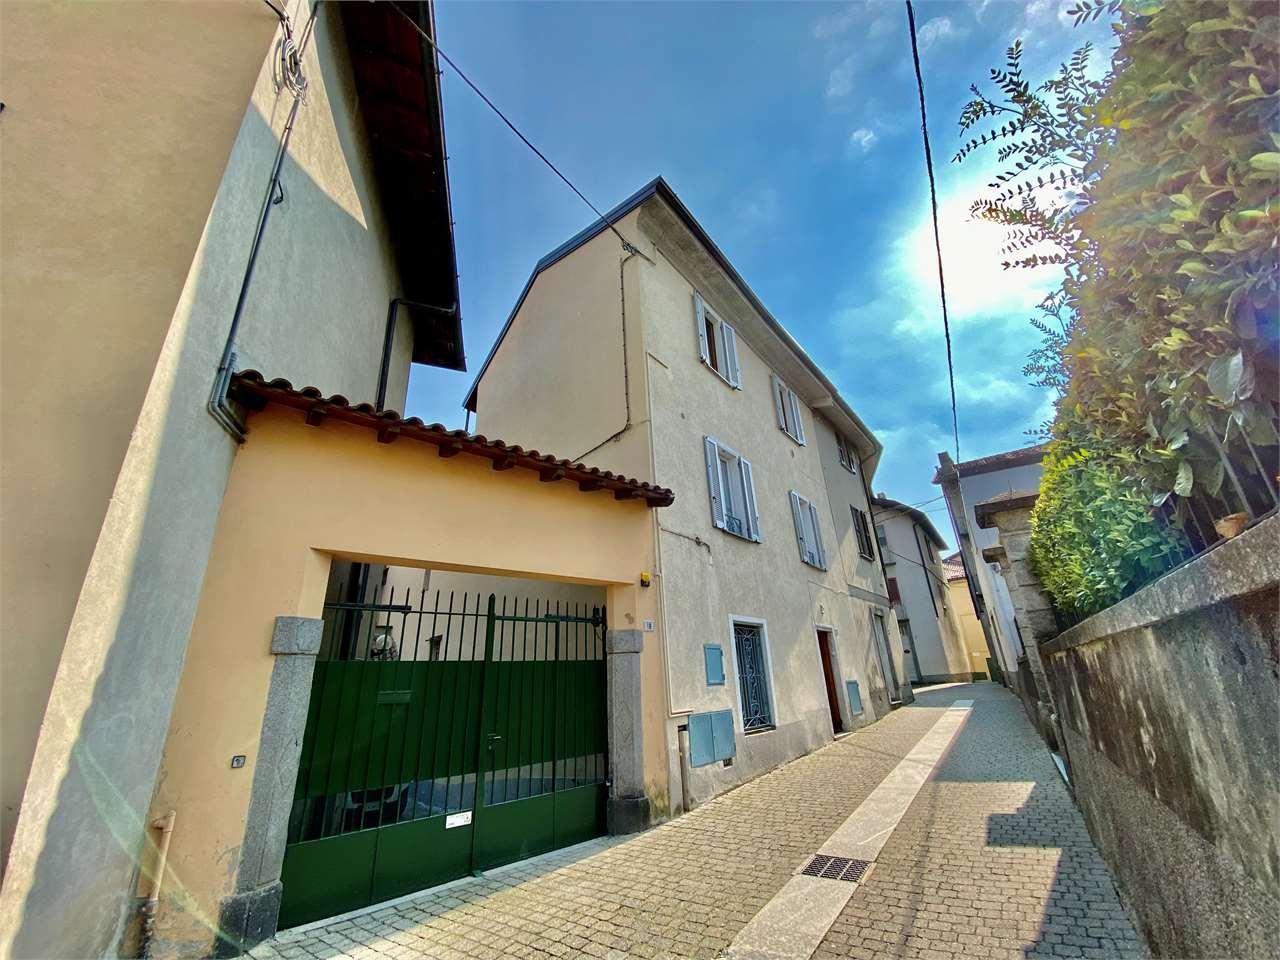 Vendita Bilocale Appartamento Civate Via Cherubino Villa 12 273900